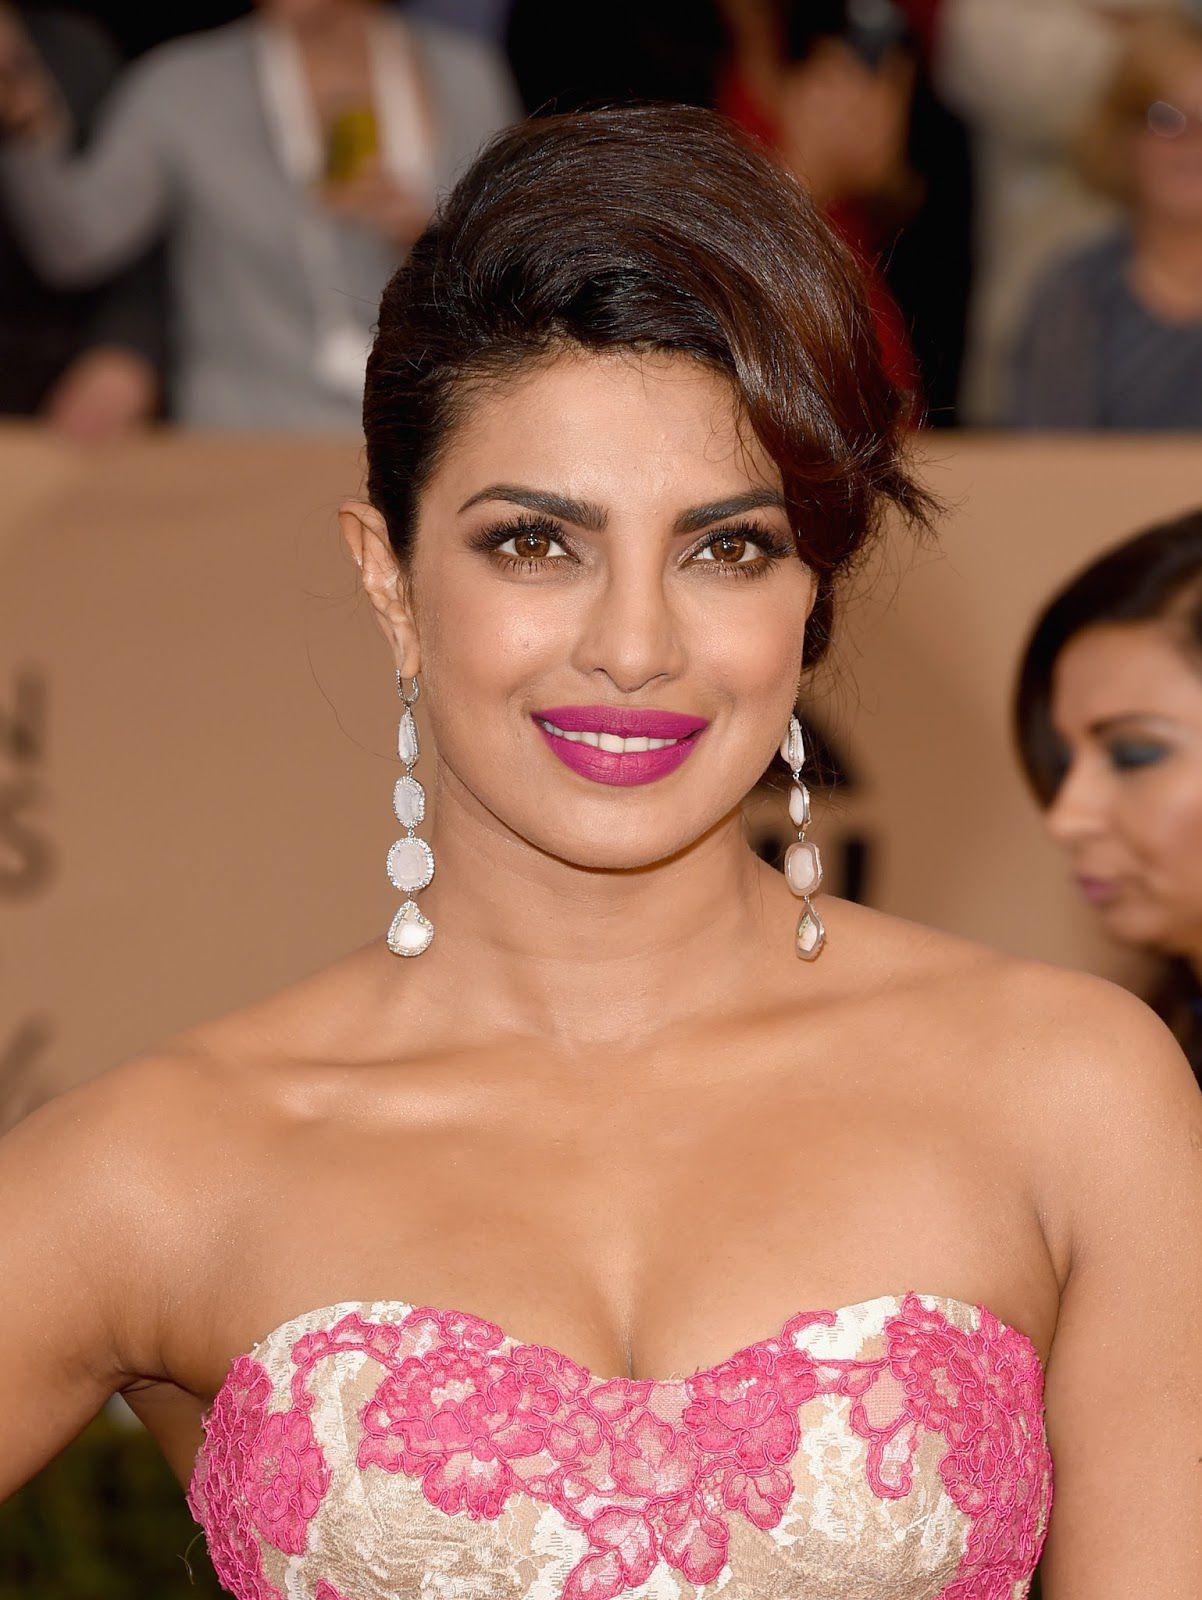 Hindi Hot Girl Priyanka Chopra Sizzling In Pink Gown